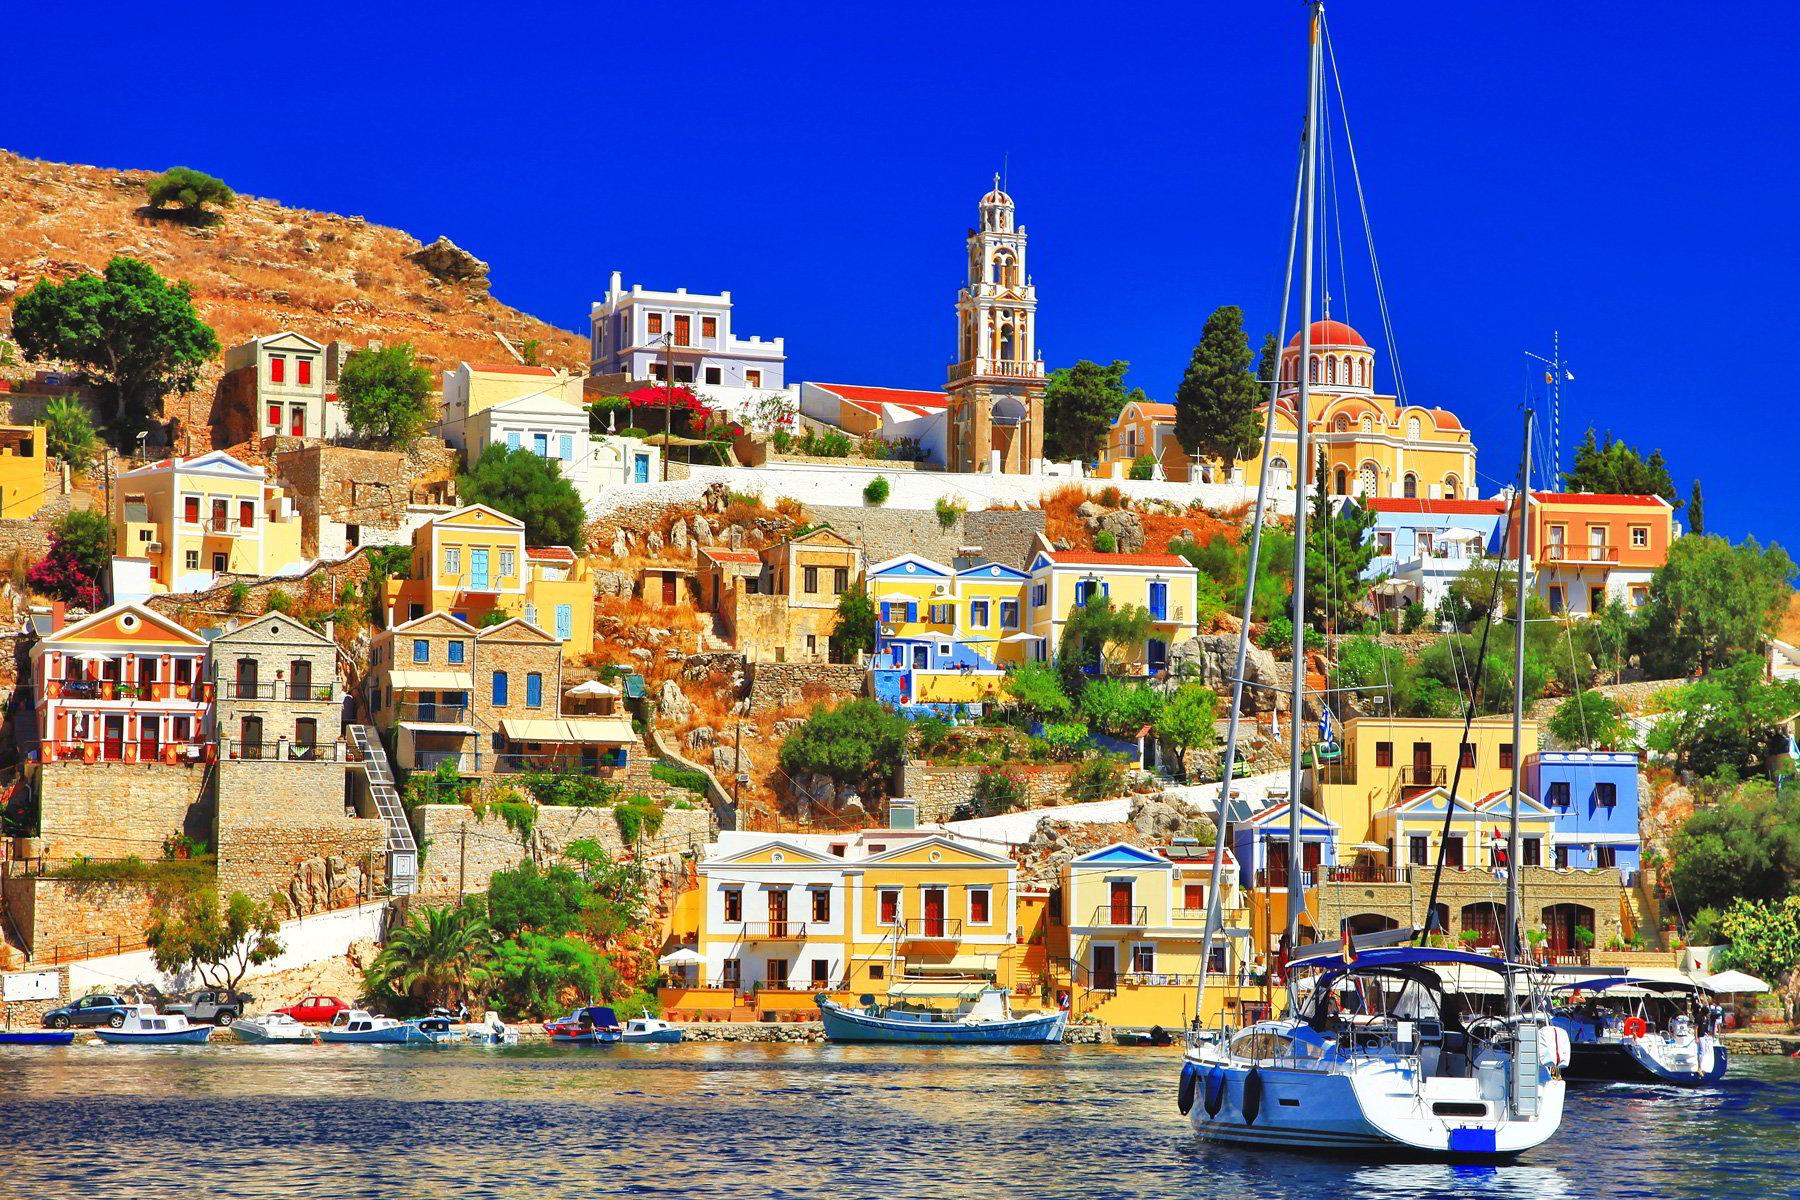 Τα ελληνικά νησιά κορυφαίος προορισμός για μοναχικά ταξίδια